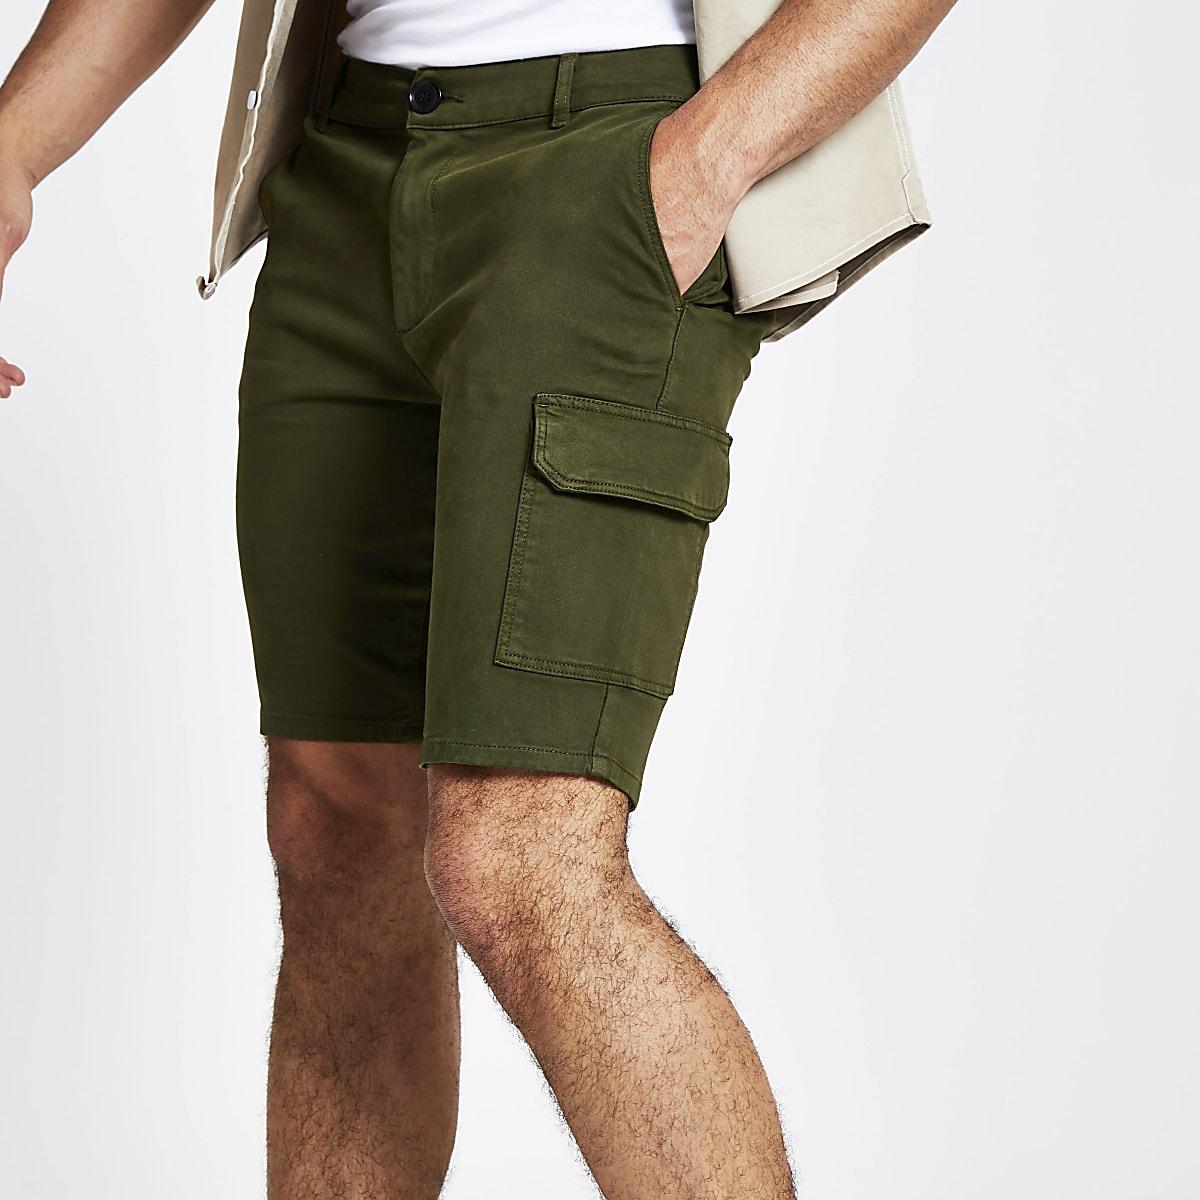 Khaki utility skinny shorts